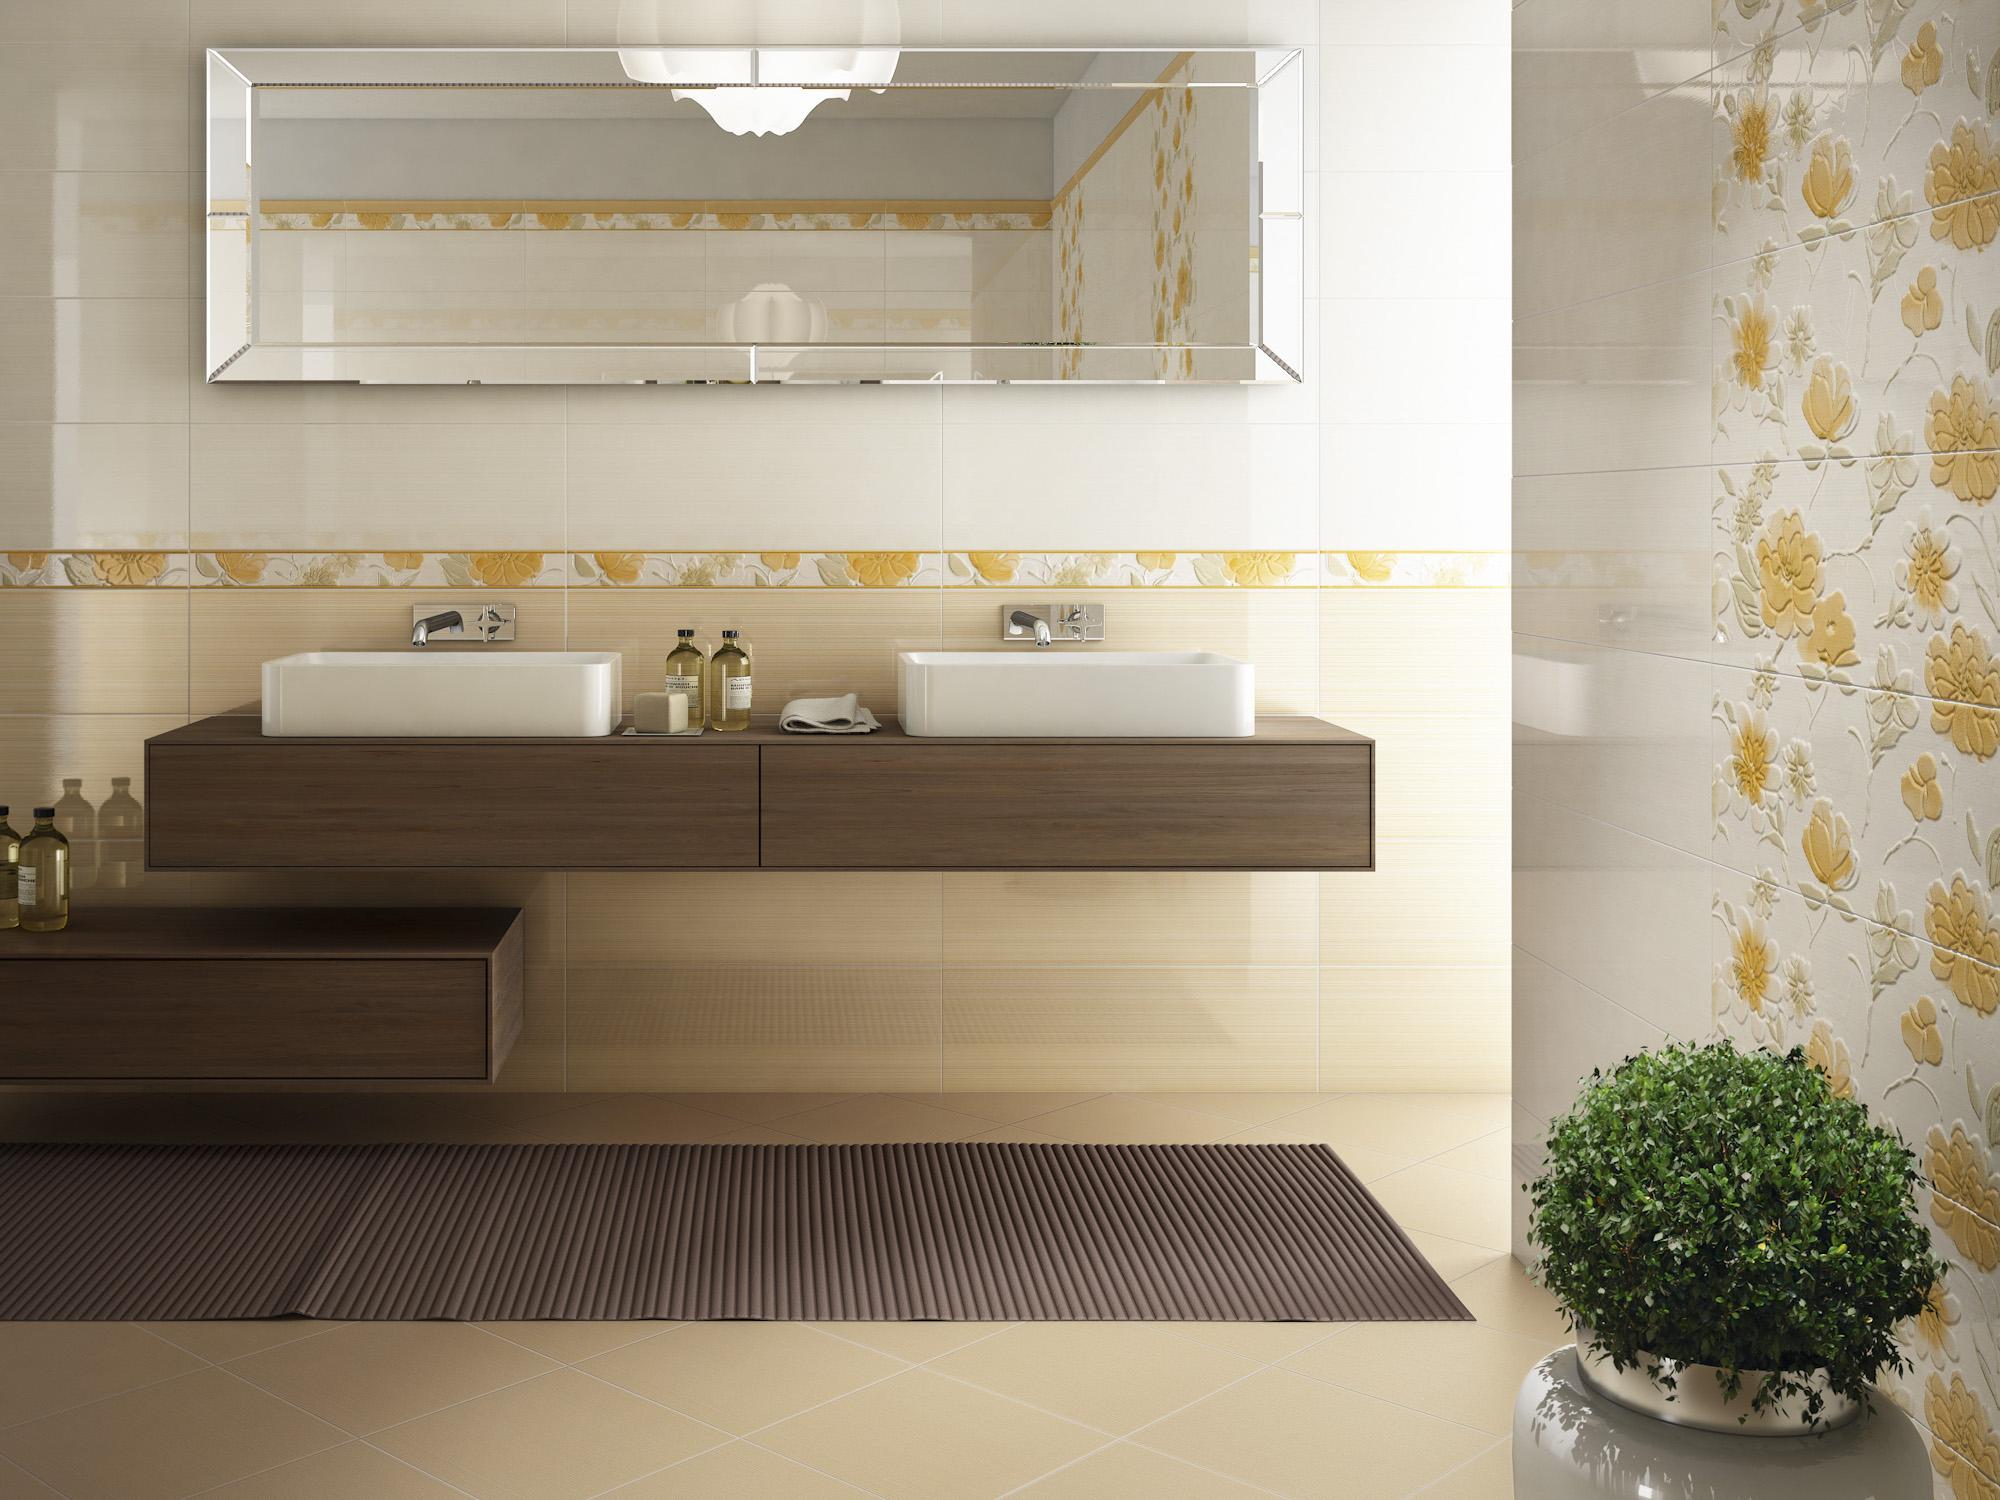 Rivestimenti per bagni e cucine gabana ceramiche snc - Coprire le piastrelle della cucina ...